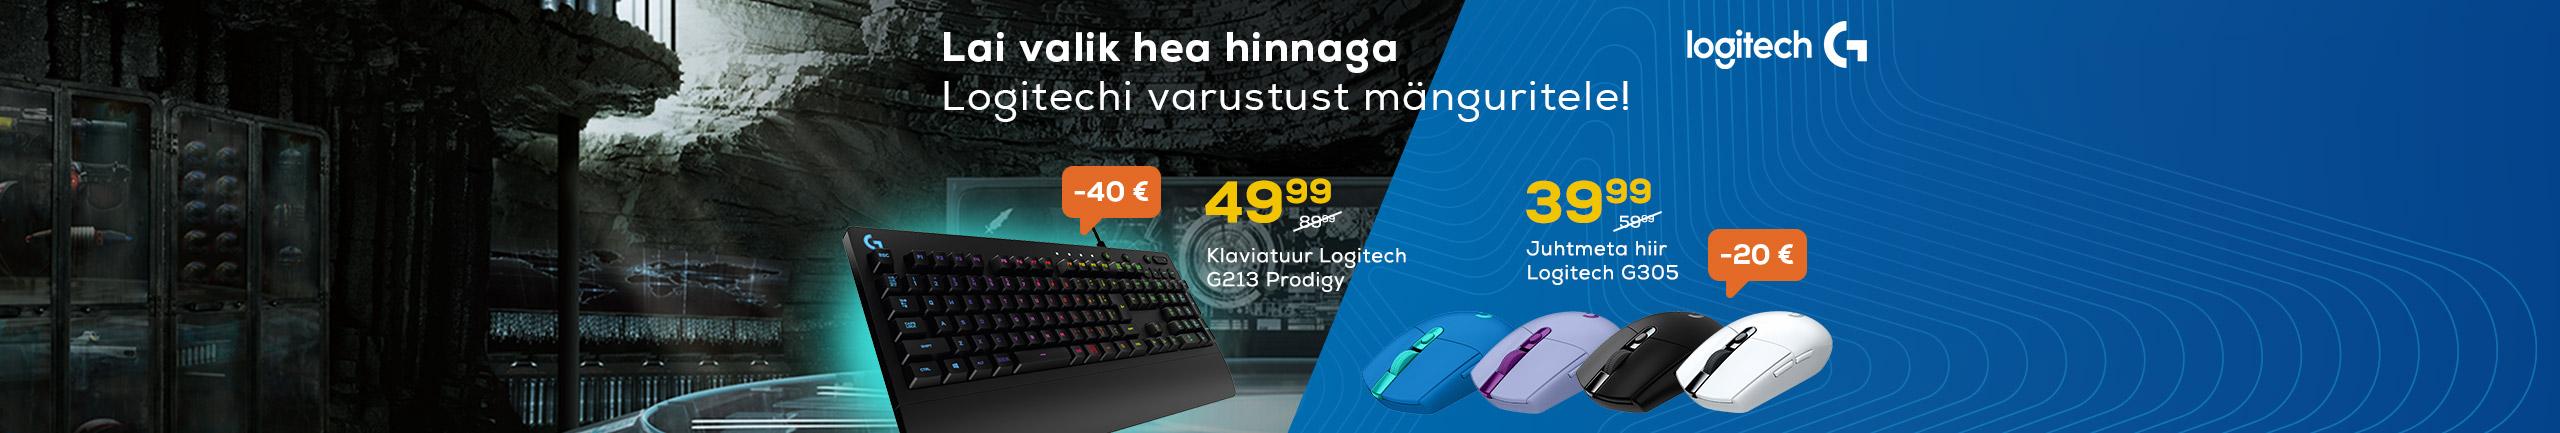 Lai valik hea hinnaga Logitechi varustust mänguritele!